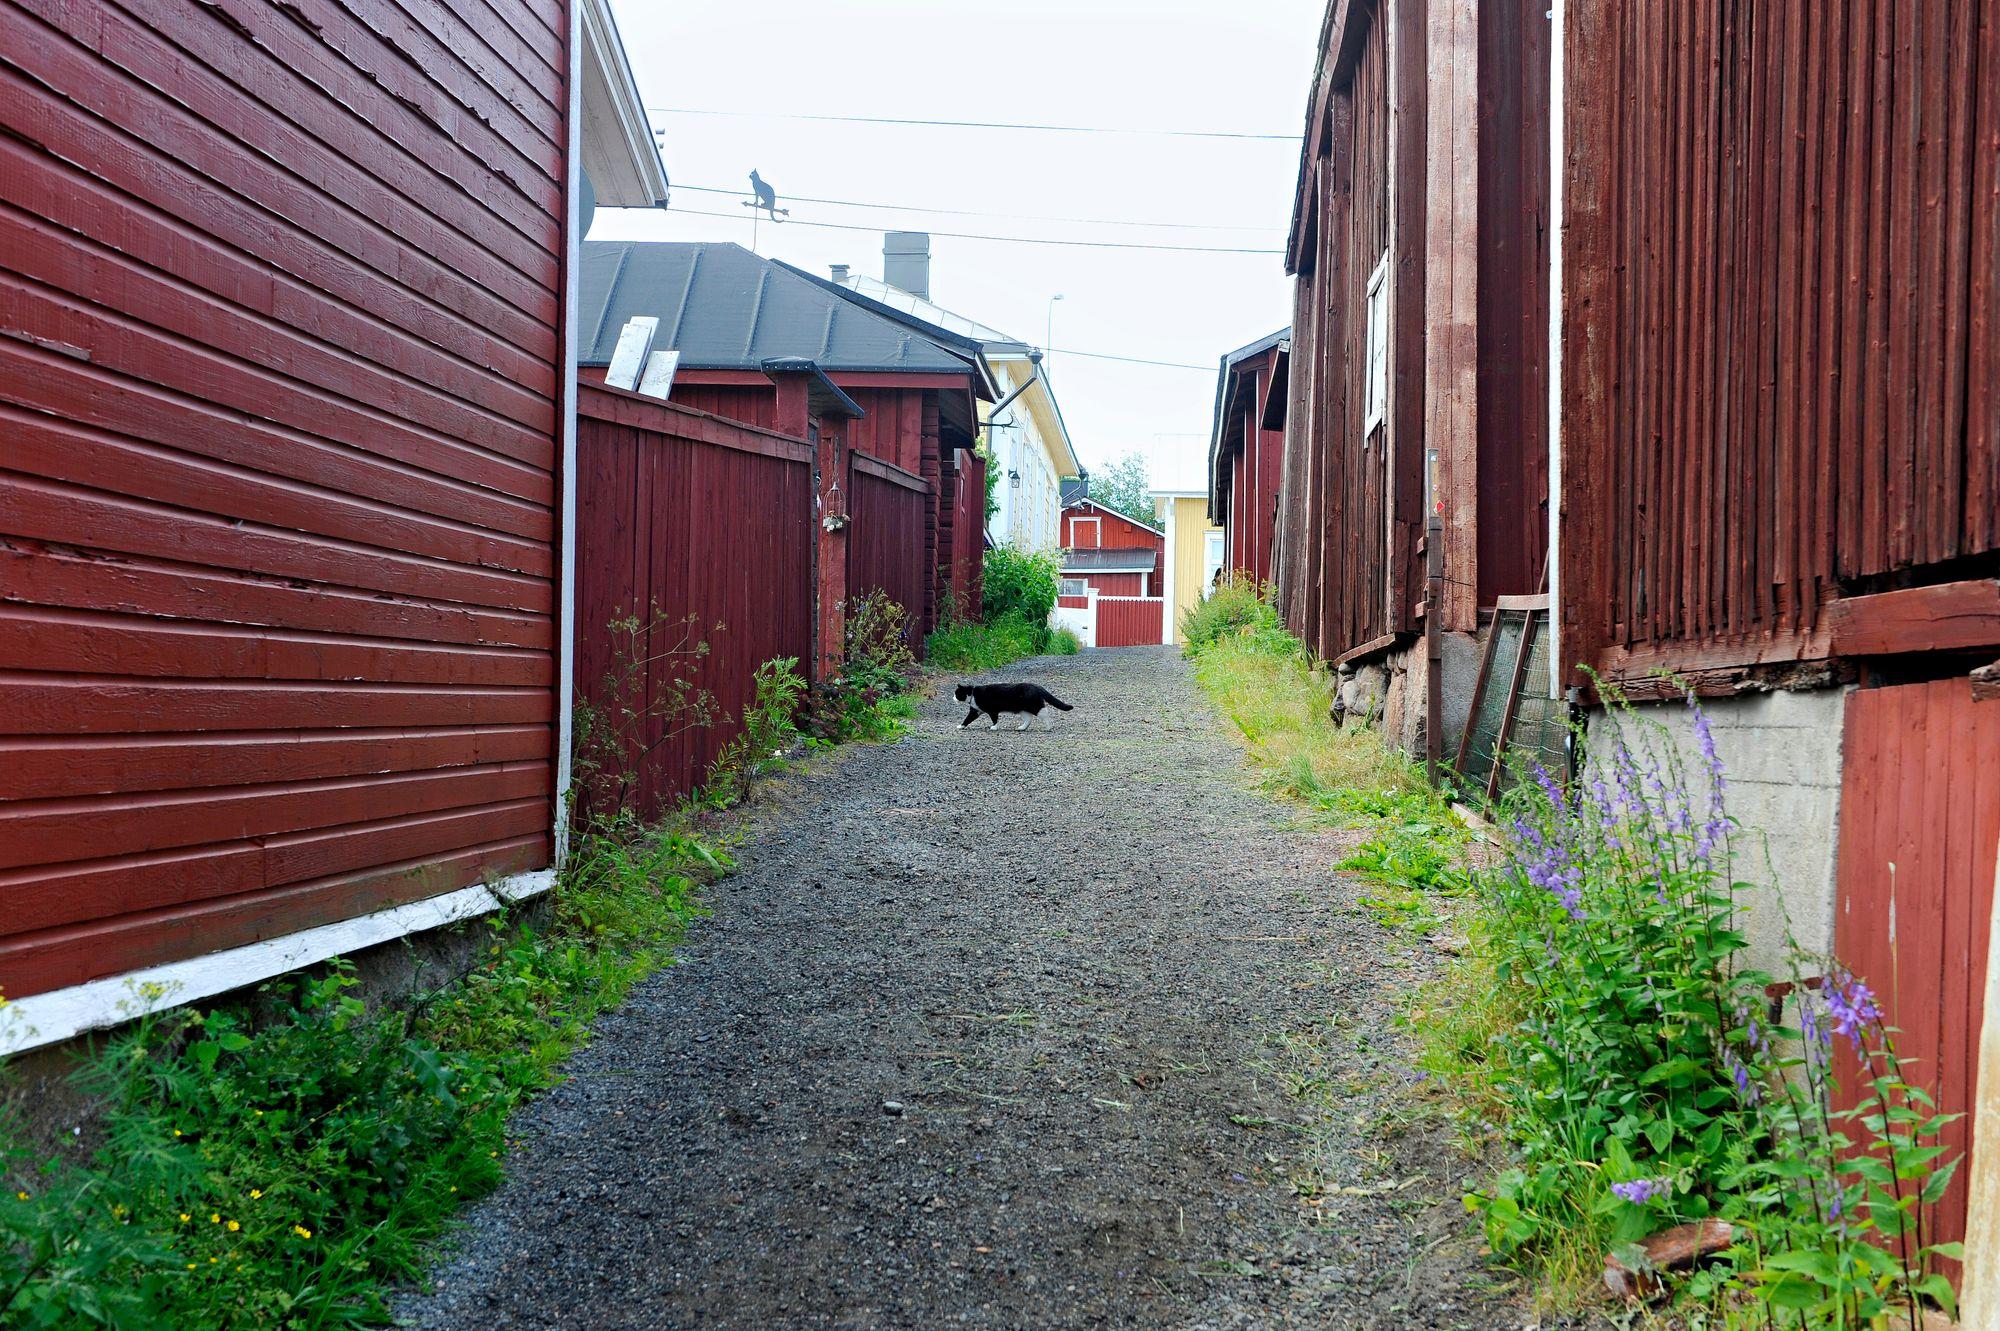 Kapea Kissanpiiskaajankuja huokuu nostalgiaa ja on tunnettu nähtävyys. © Harri Vaskimo